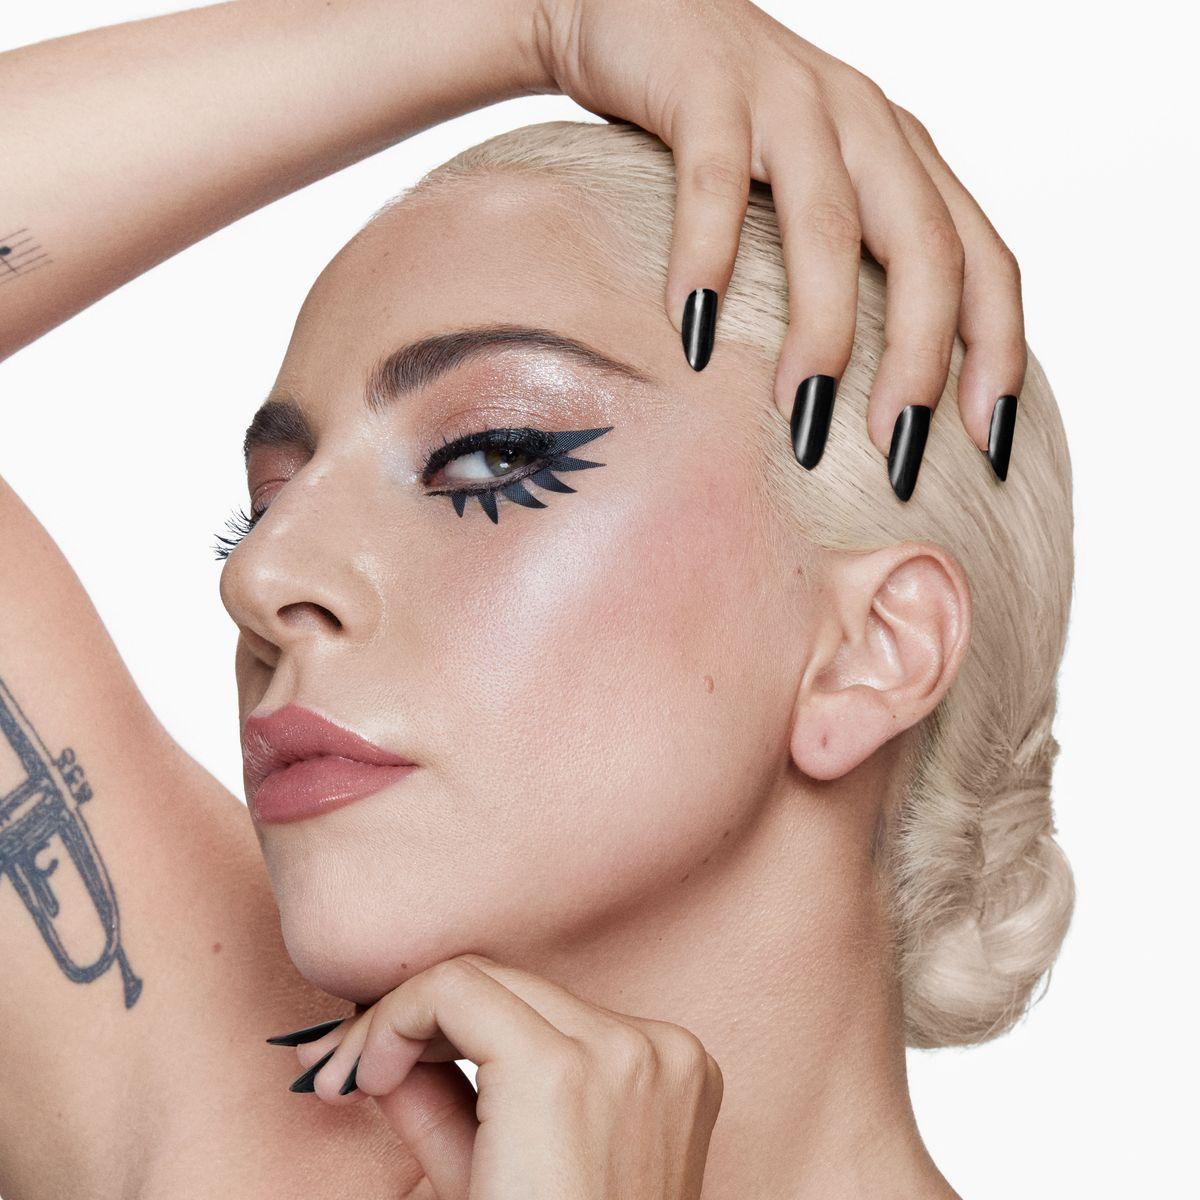 Gaga 🎉 now lady dating who Lady Gaga